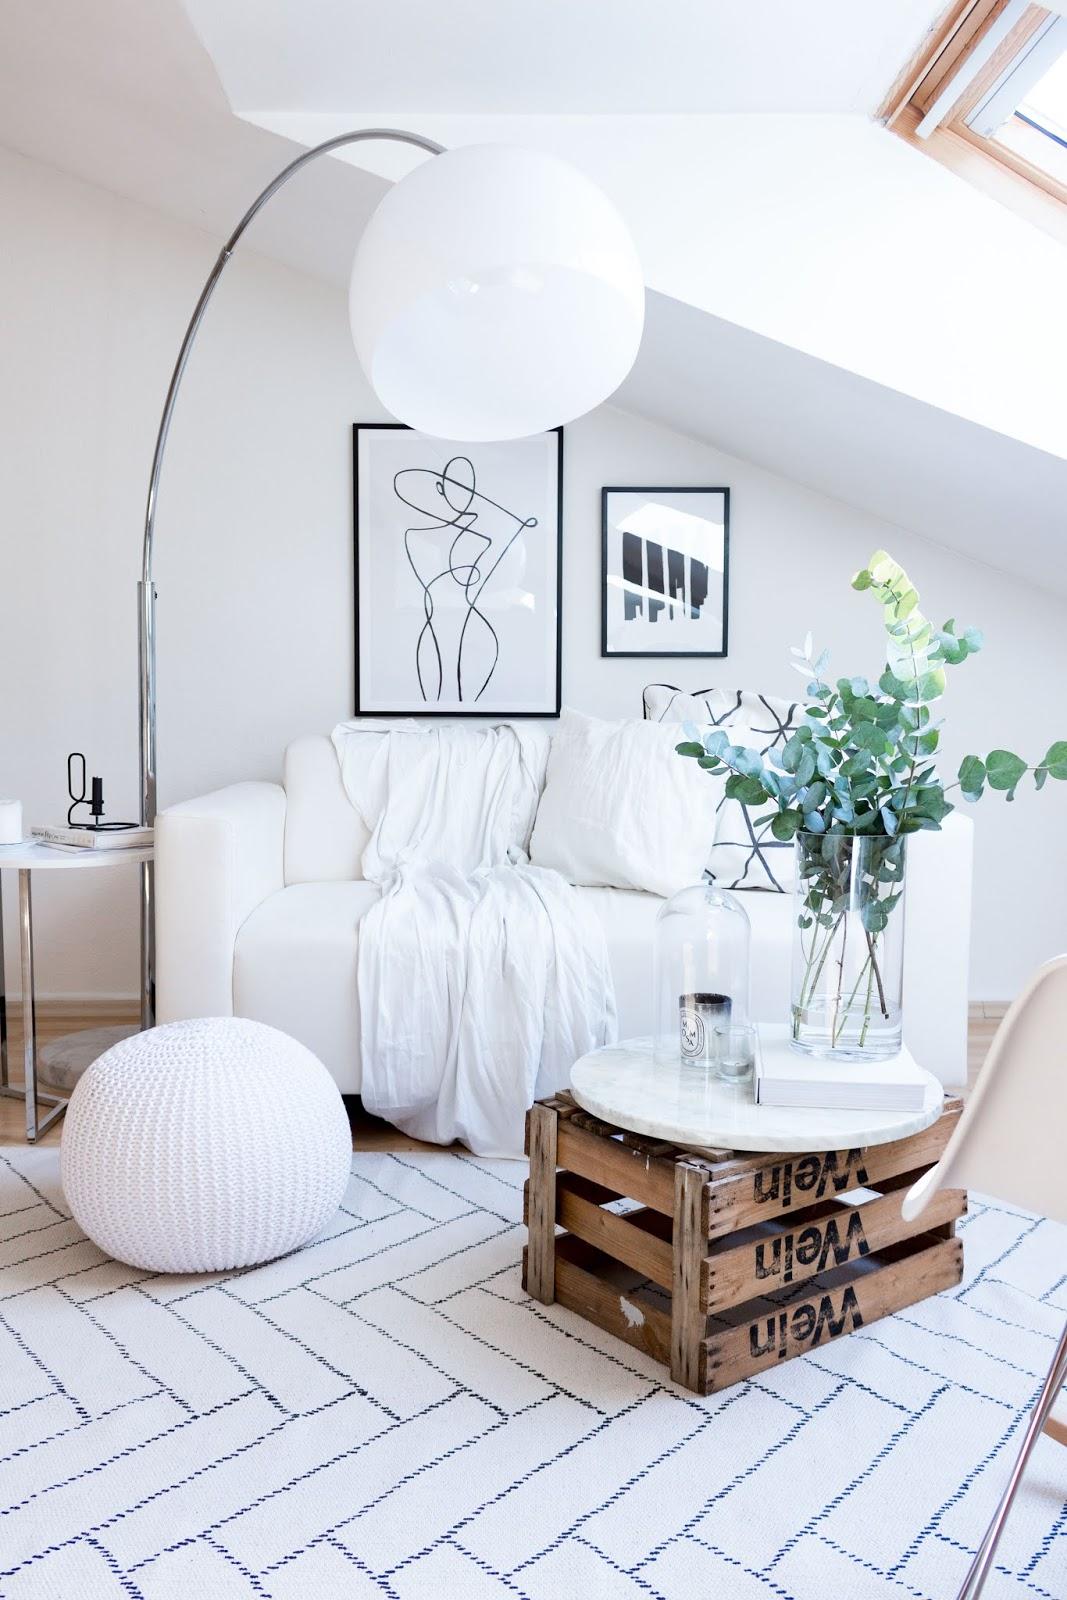 Interior | Finarte Teppich Aitta White Für Das Wohnzimmer |  Www.sparklyinspiration.com